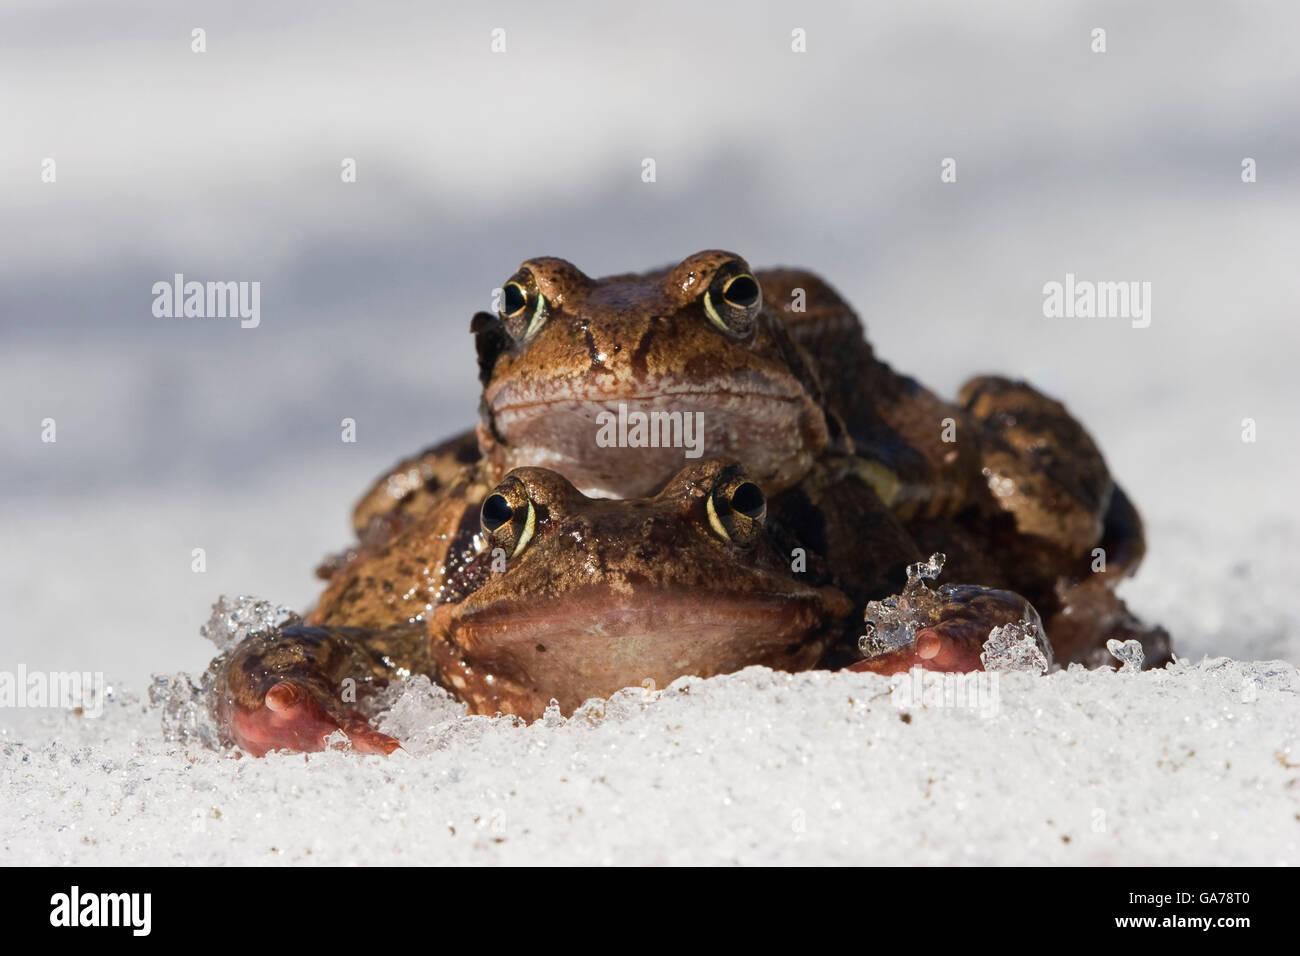 Grasfrosch (Rana temporaria) Grass Frog - Stock Image